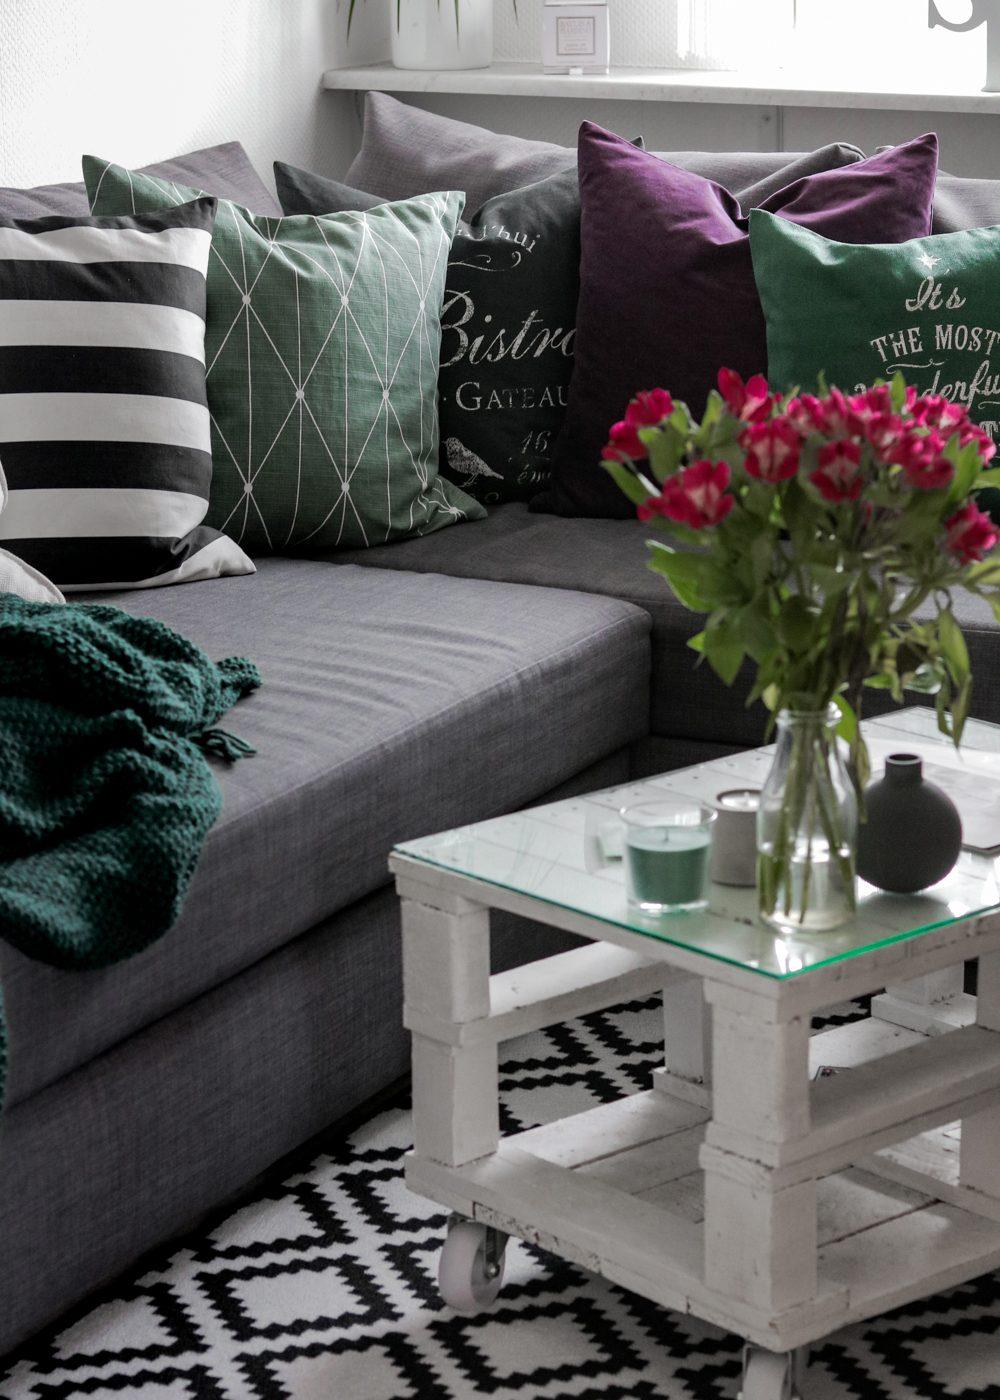 Mein Wohnzimmer: Neues Farbkonzept und Deko - Lavie Deboite